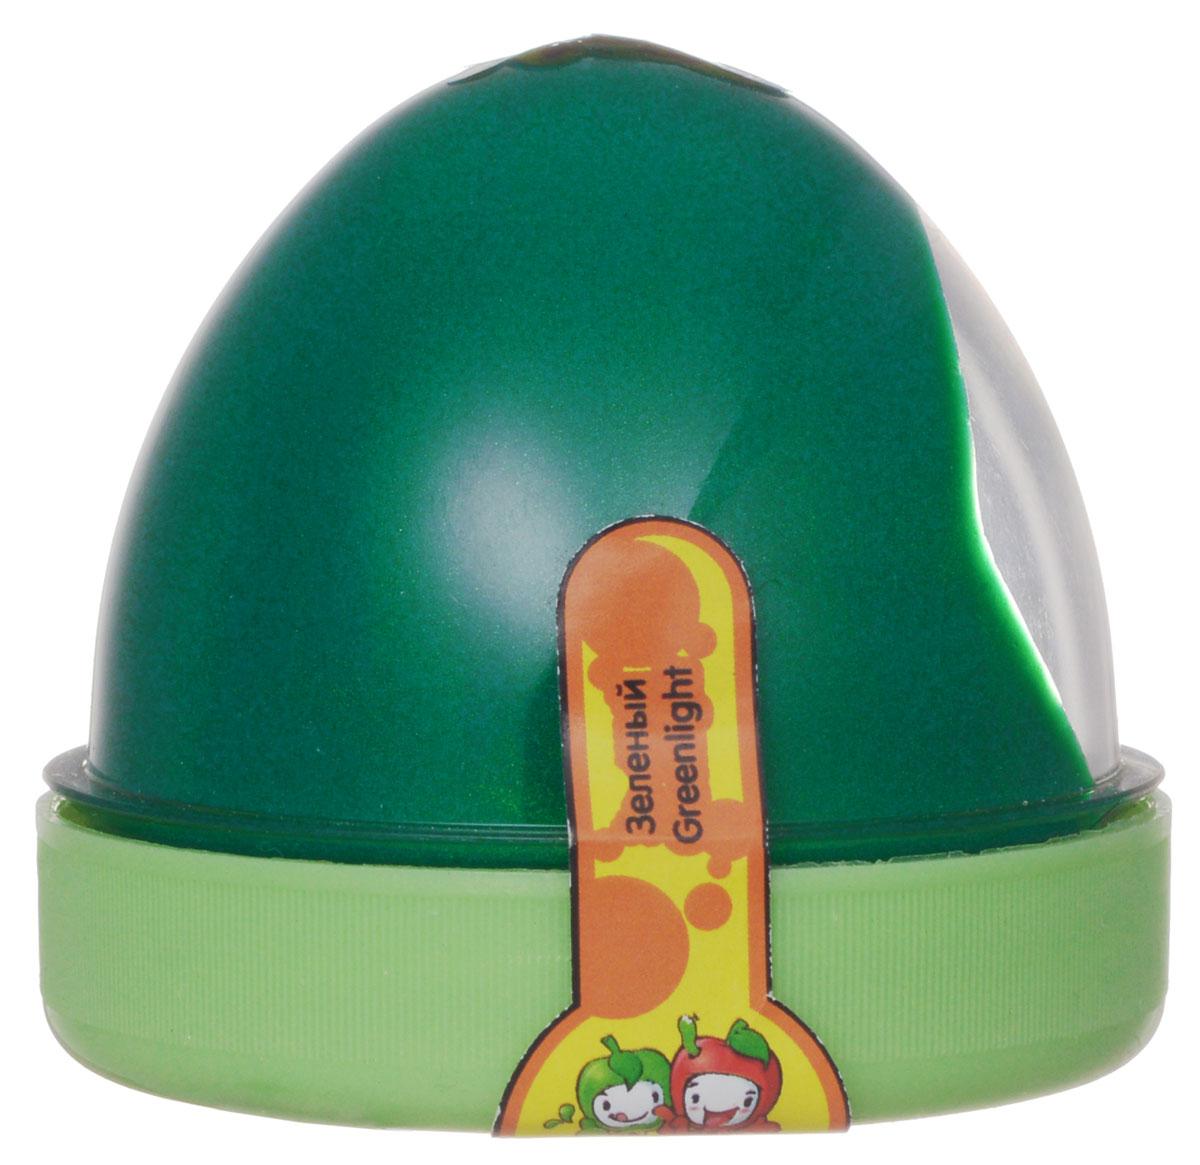 Жвачка для рук ТМ HandGum, цвет: зеленый, с запахом яблока, 35 г10062Жвачка для рук Hand Gum зеленого цвета с запахом яблока подарит вам позитив и хорошие эмоции. Она радует глаз и дарит нежные тактильные ощущения, способствуя хорошему настроению. Жвачка для рук изготовлена из упругого, пластичного и приятного на ощупь материала, ее можно растягивать, как резину, а если сильно дернуть, то можно порвать. Из нее отлично получаются скульптуры, которые живут считанные минуты, постепенно превращаясь в лужи. Прилепите ее на дверную ручку - и он капнет, скатайте шарик и ударьте об пол - он подпрыгнет. Кубик, кстати, тоже подпрыгнет, но совсем не туда, куда ожидается. Характеристики: Цвет: зеленый. Вес: 35 г. Размер упаковки: 5,5 см х 6 см х 6 см. Уважаемые клиенты! Обращаем ваше внимание на незначительные изменения дизайна упаковки.